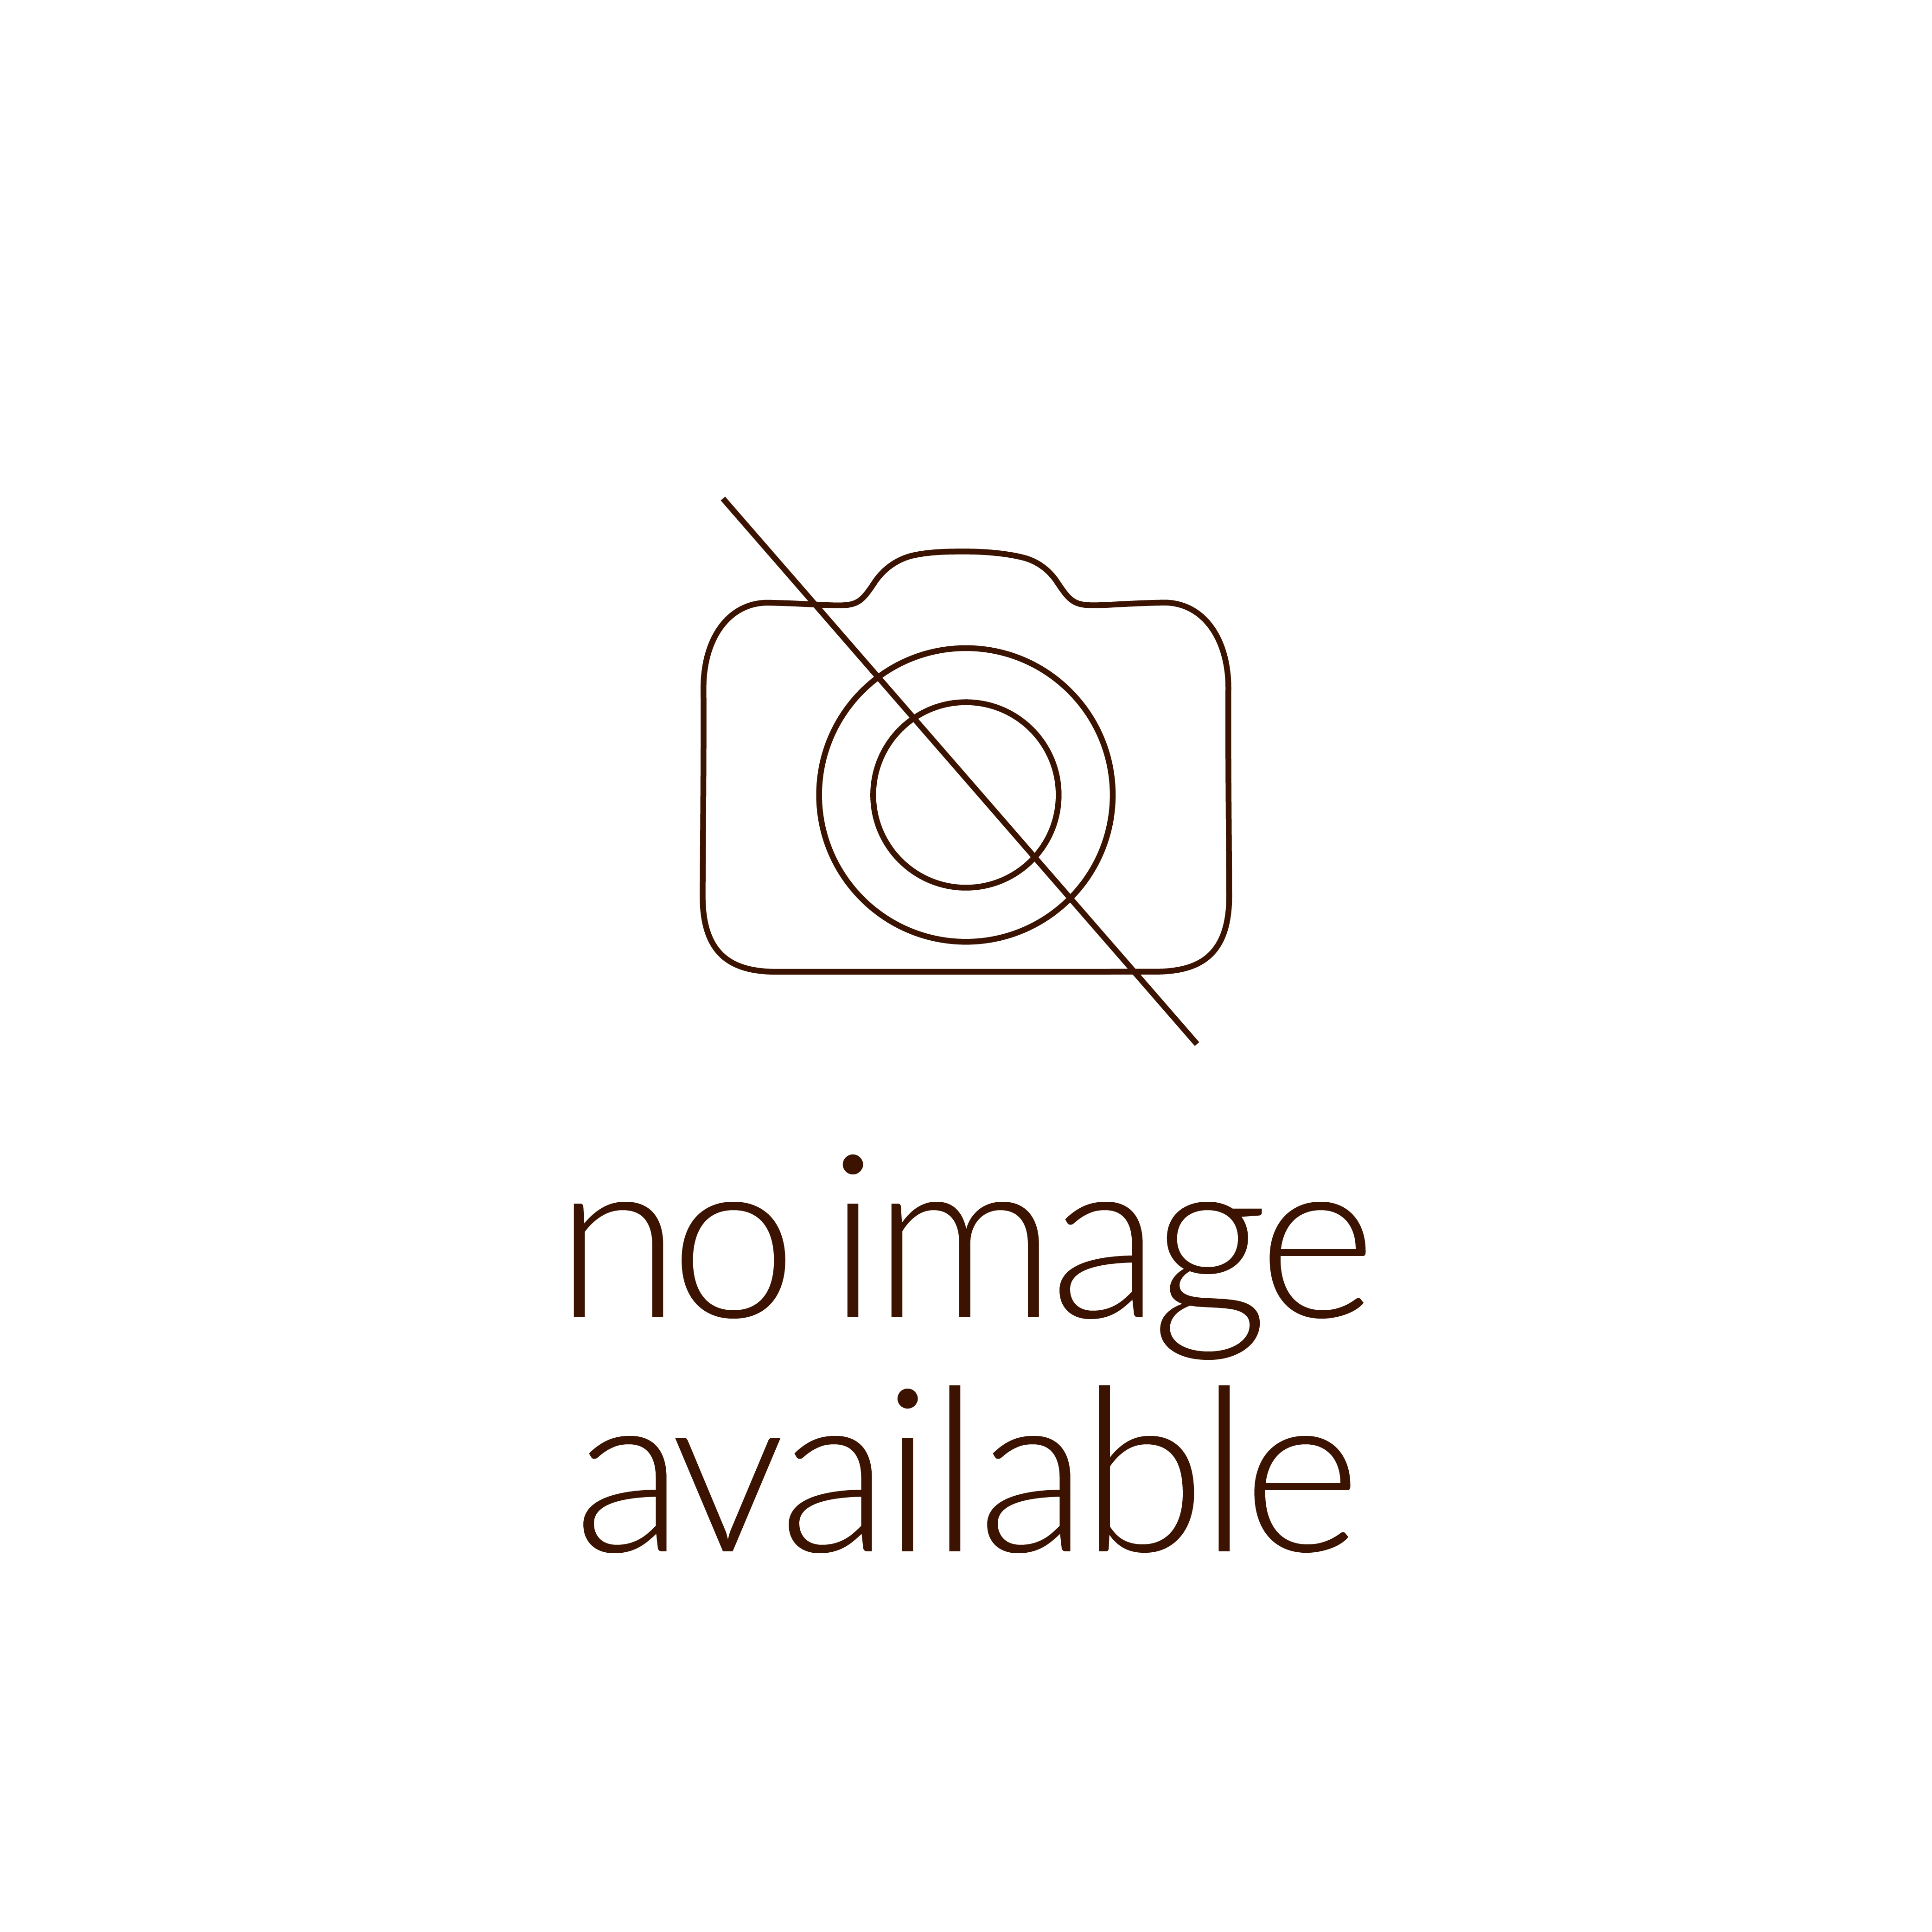 מטבע זיכרון, City of David,